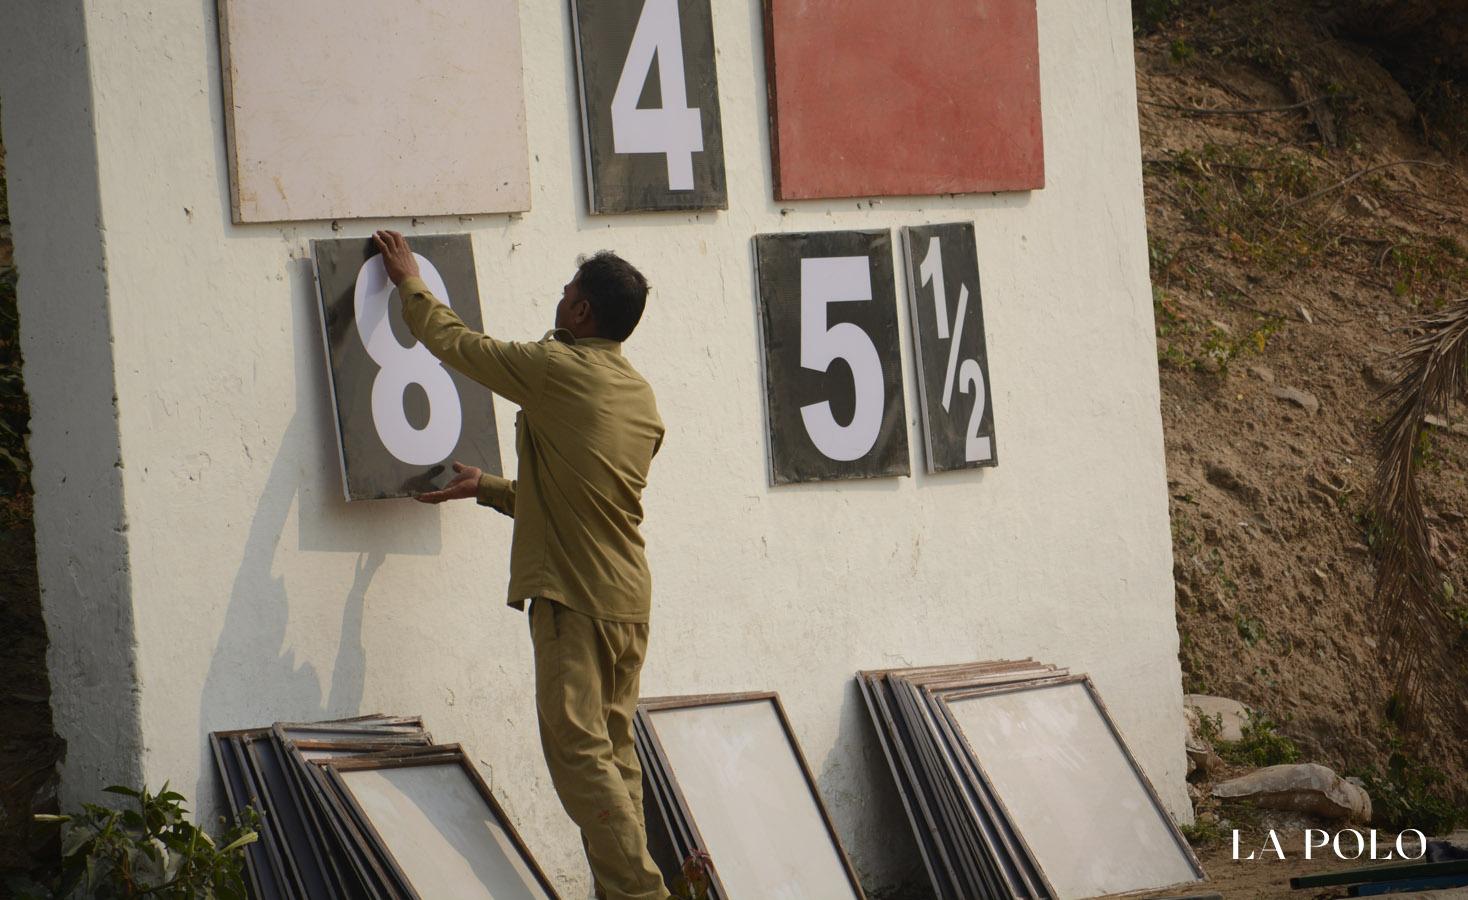 scoreboard in polo